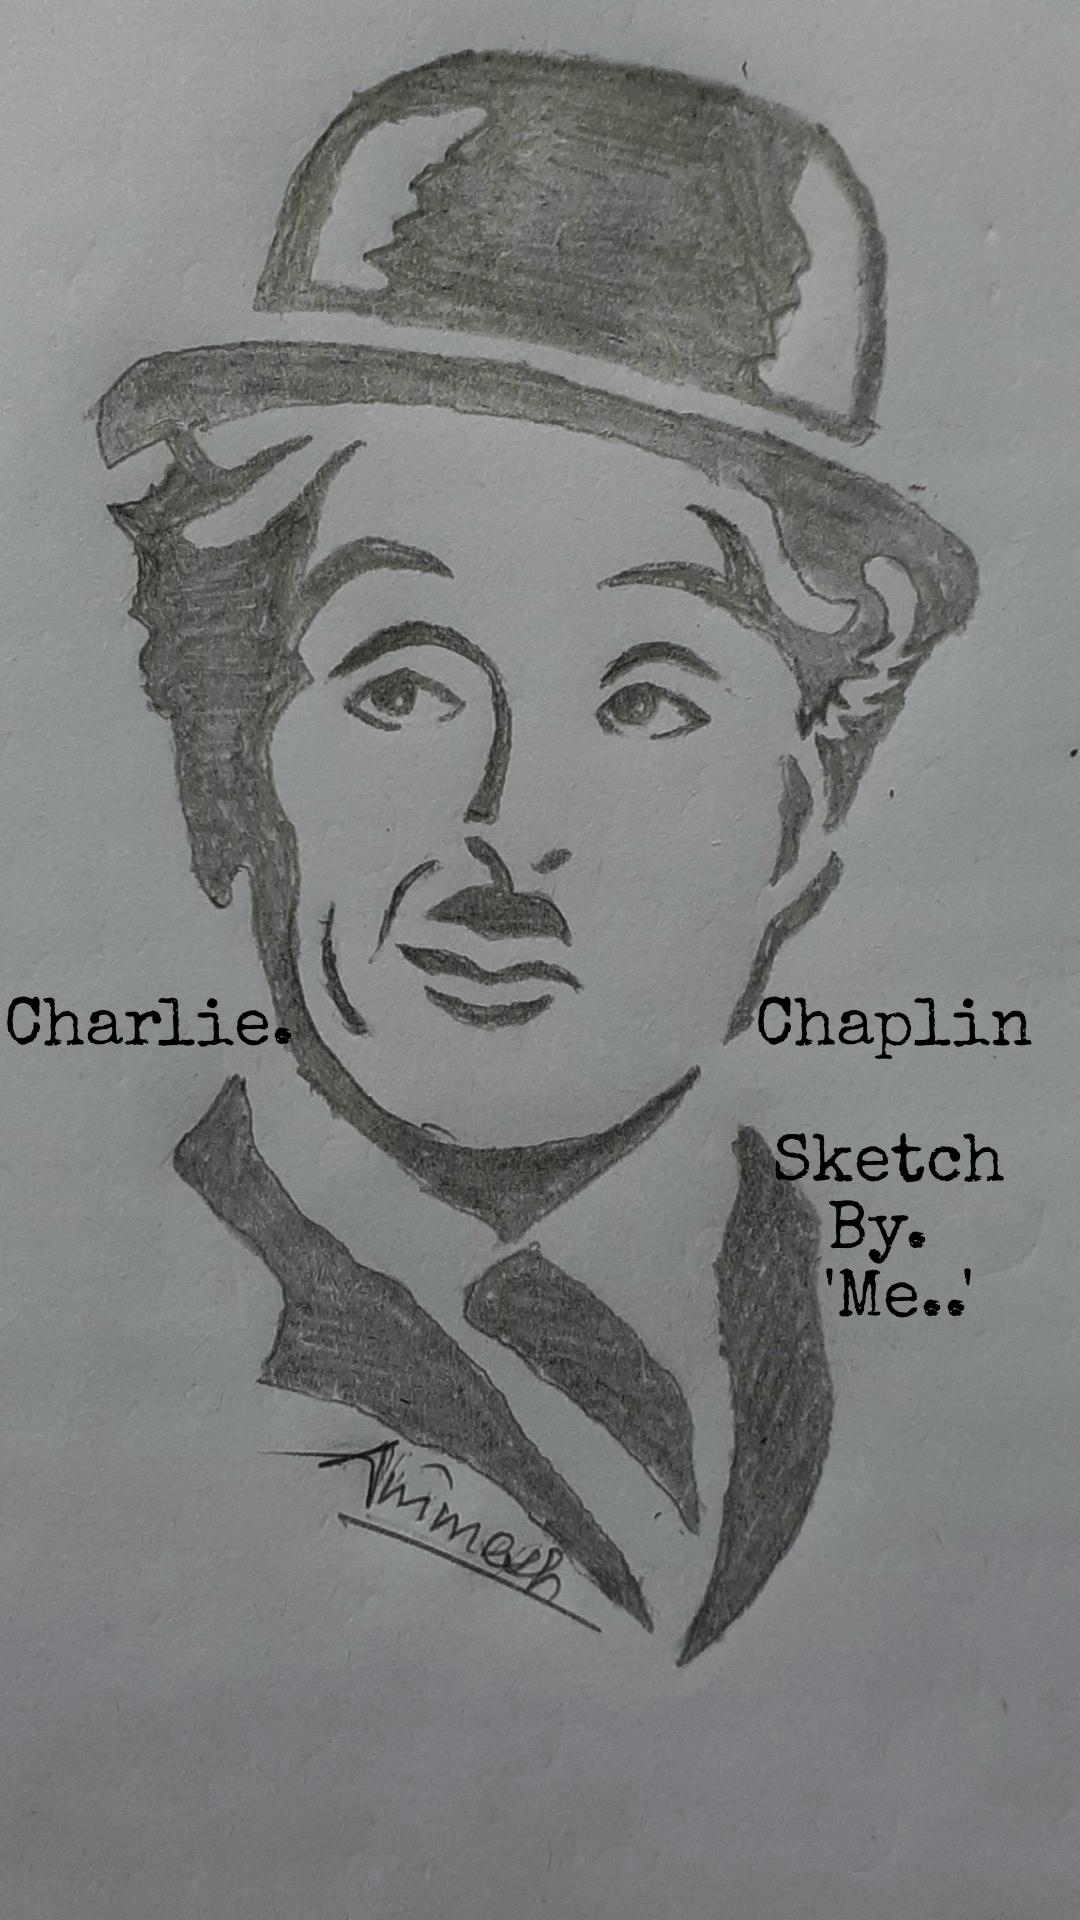 Charlie.                       Chaplin                                       Sketch                                     By.                                       'Me..'